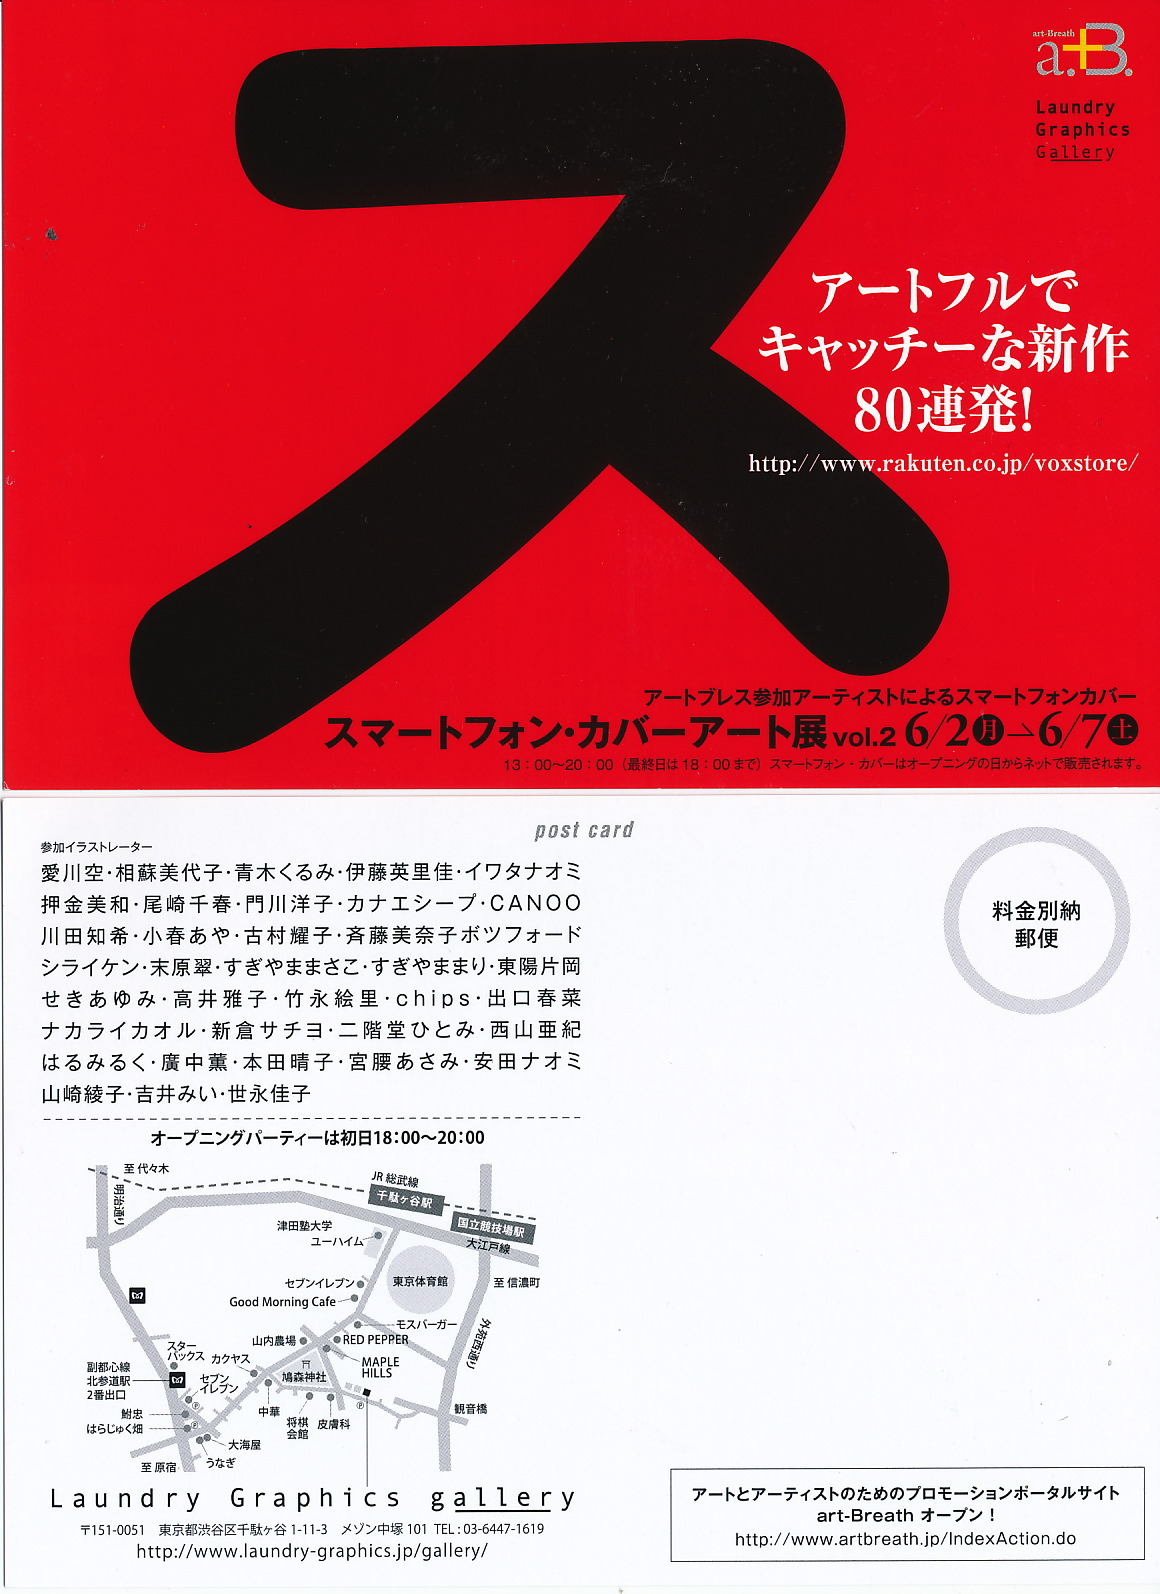 スマホ展/ランドリーグラフィックスギャラリー